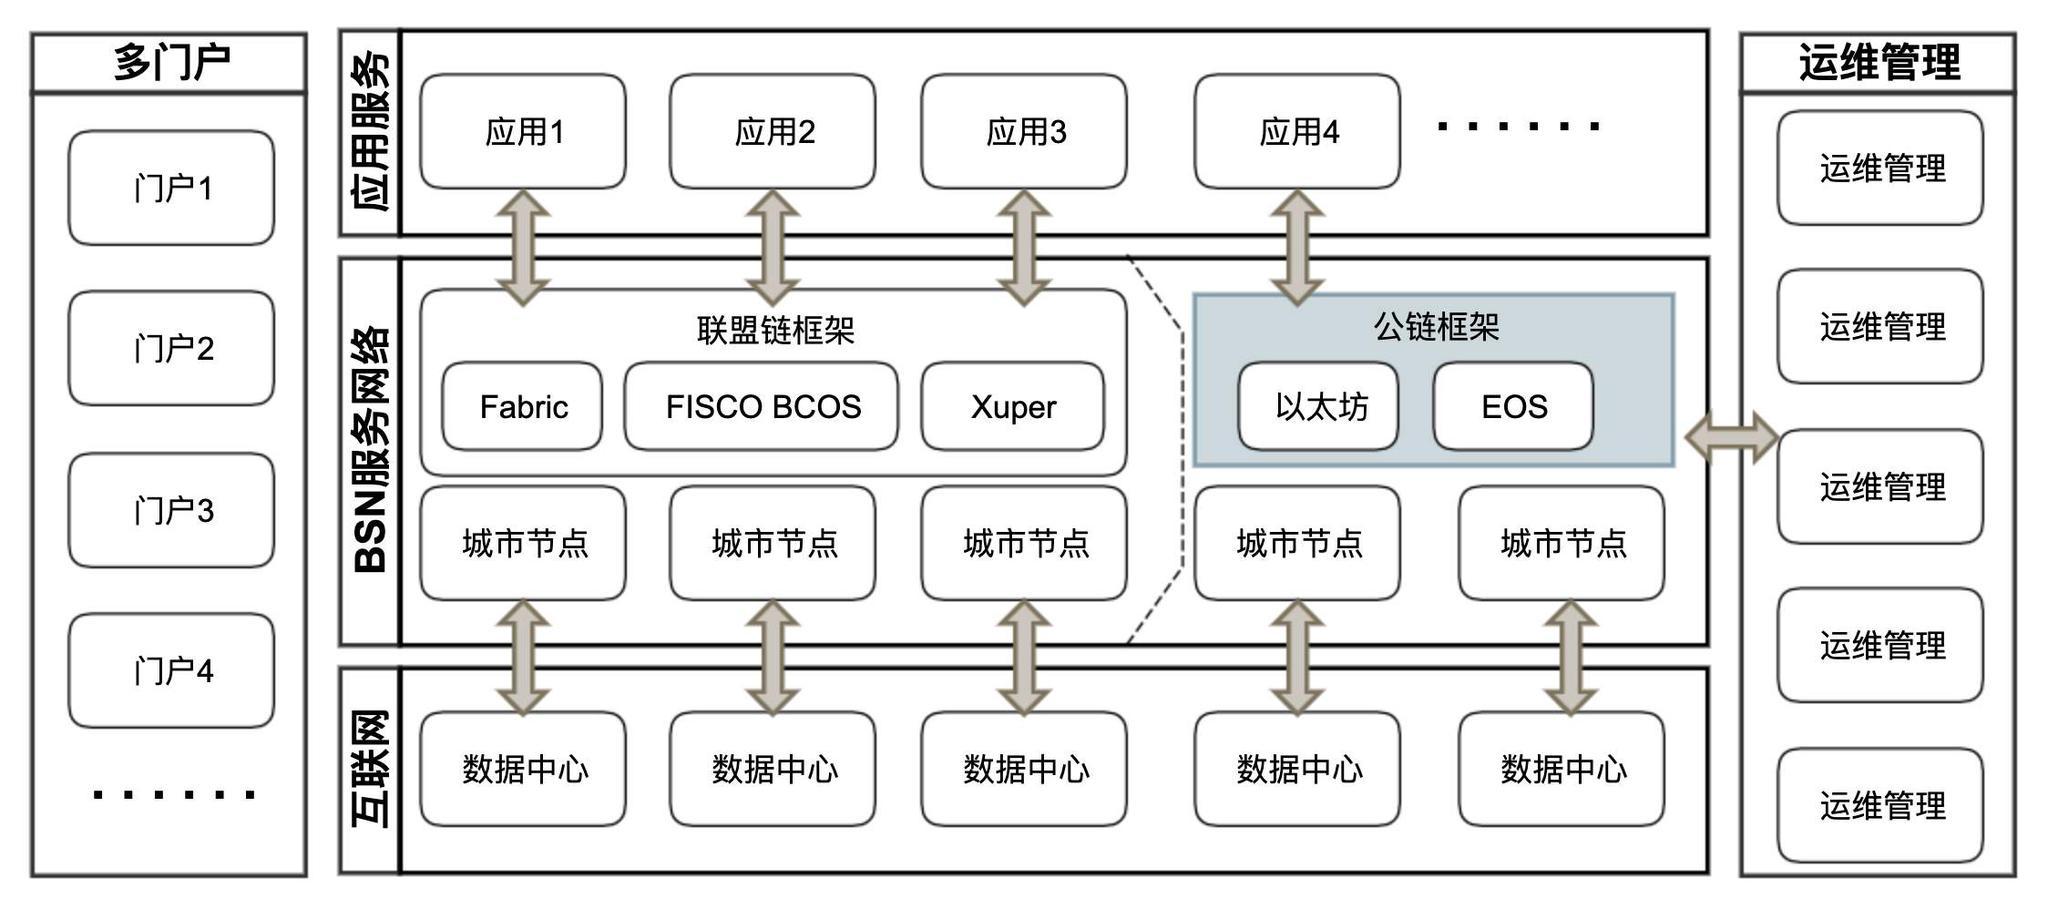 区块链服务网络(BSN)将投入商用 行业迎密集落地期|区块链_LibraChina_LibraChina